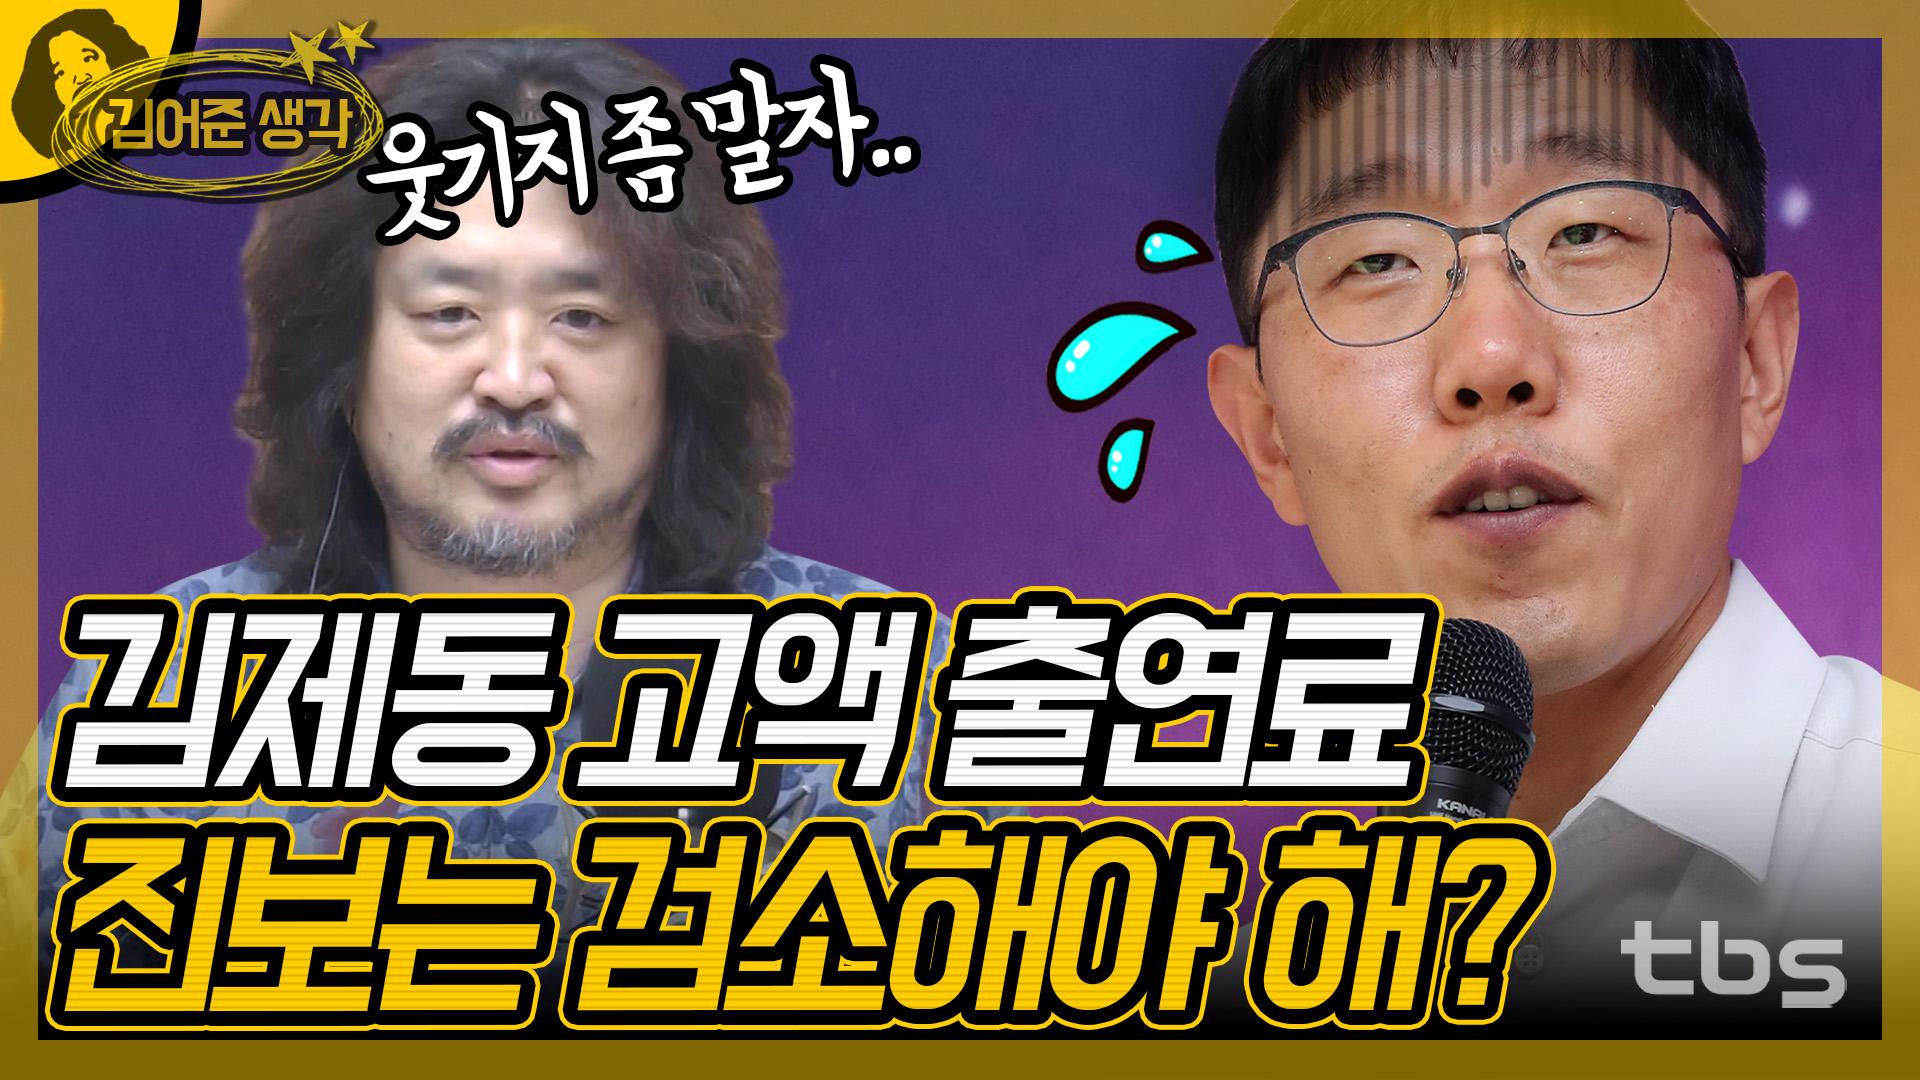 김제동 고액 출연료 진보는 검소해야 해? [김어준 생각 / 김어준 뉴스공장]